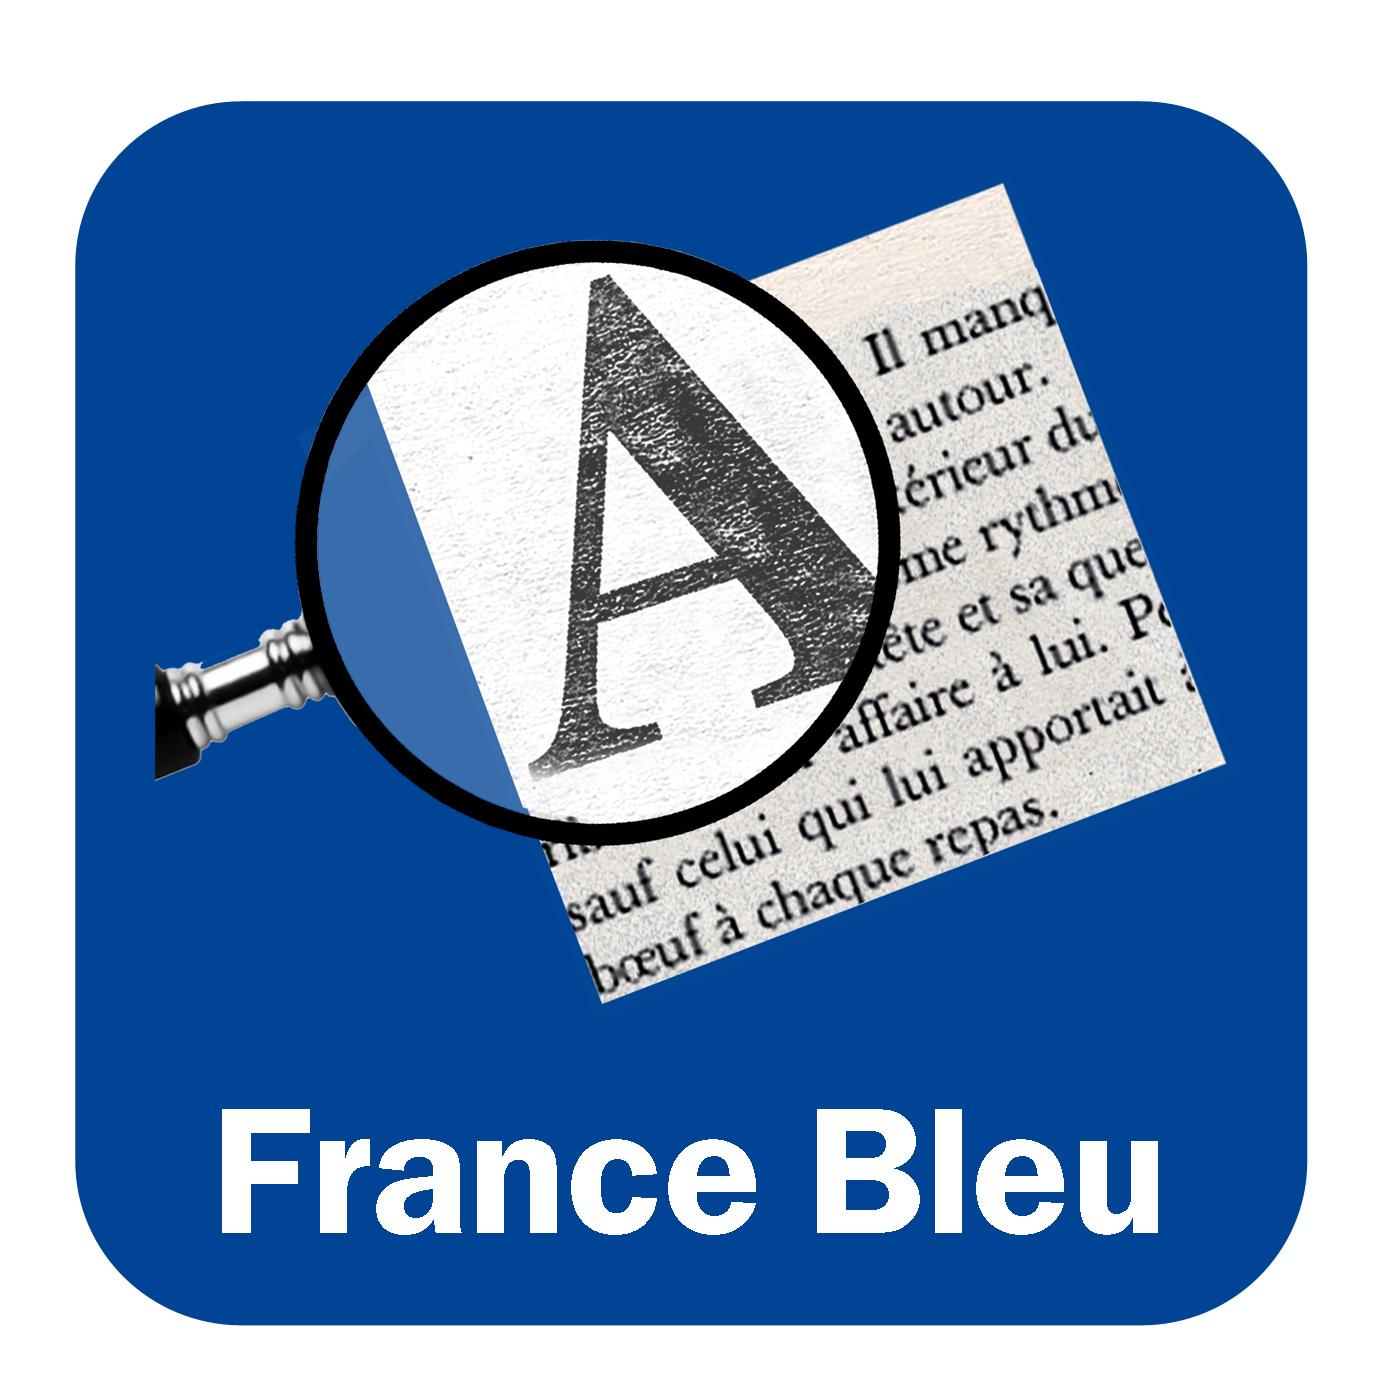 Histoire en Touraine France Bleu Touraine